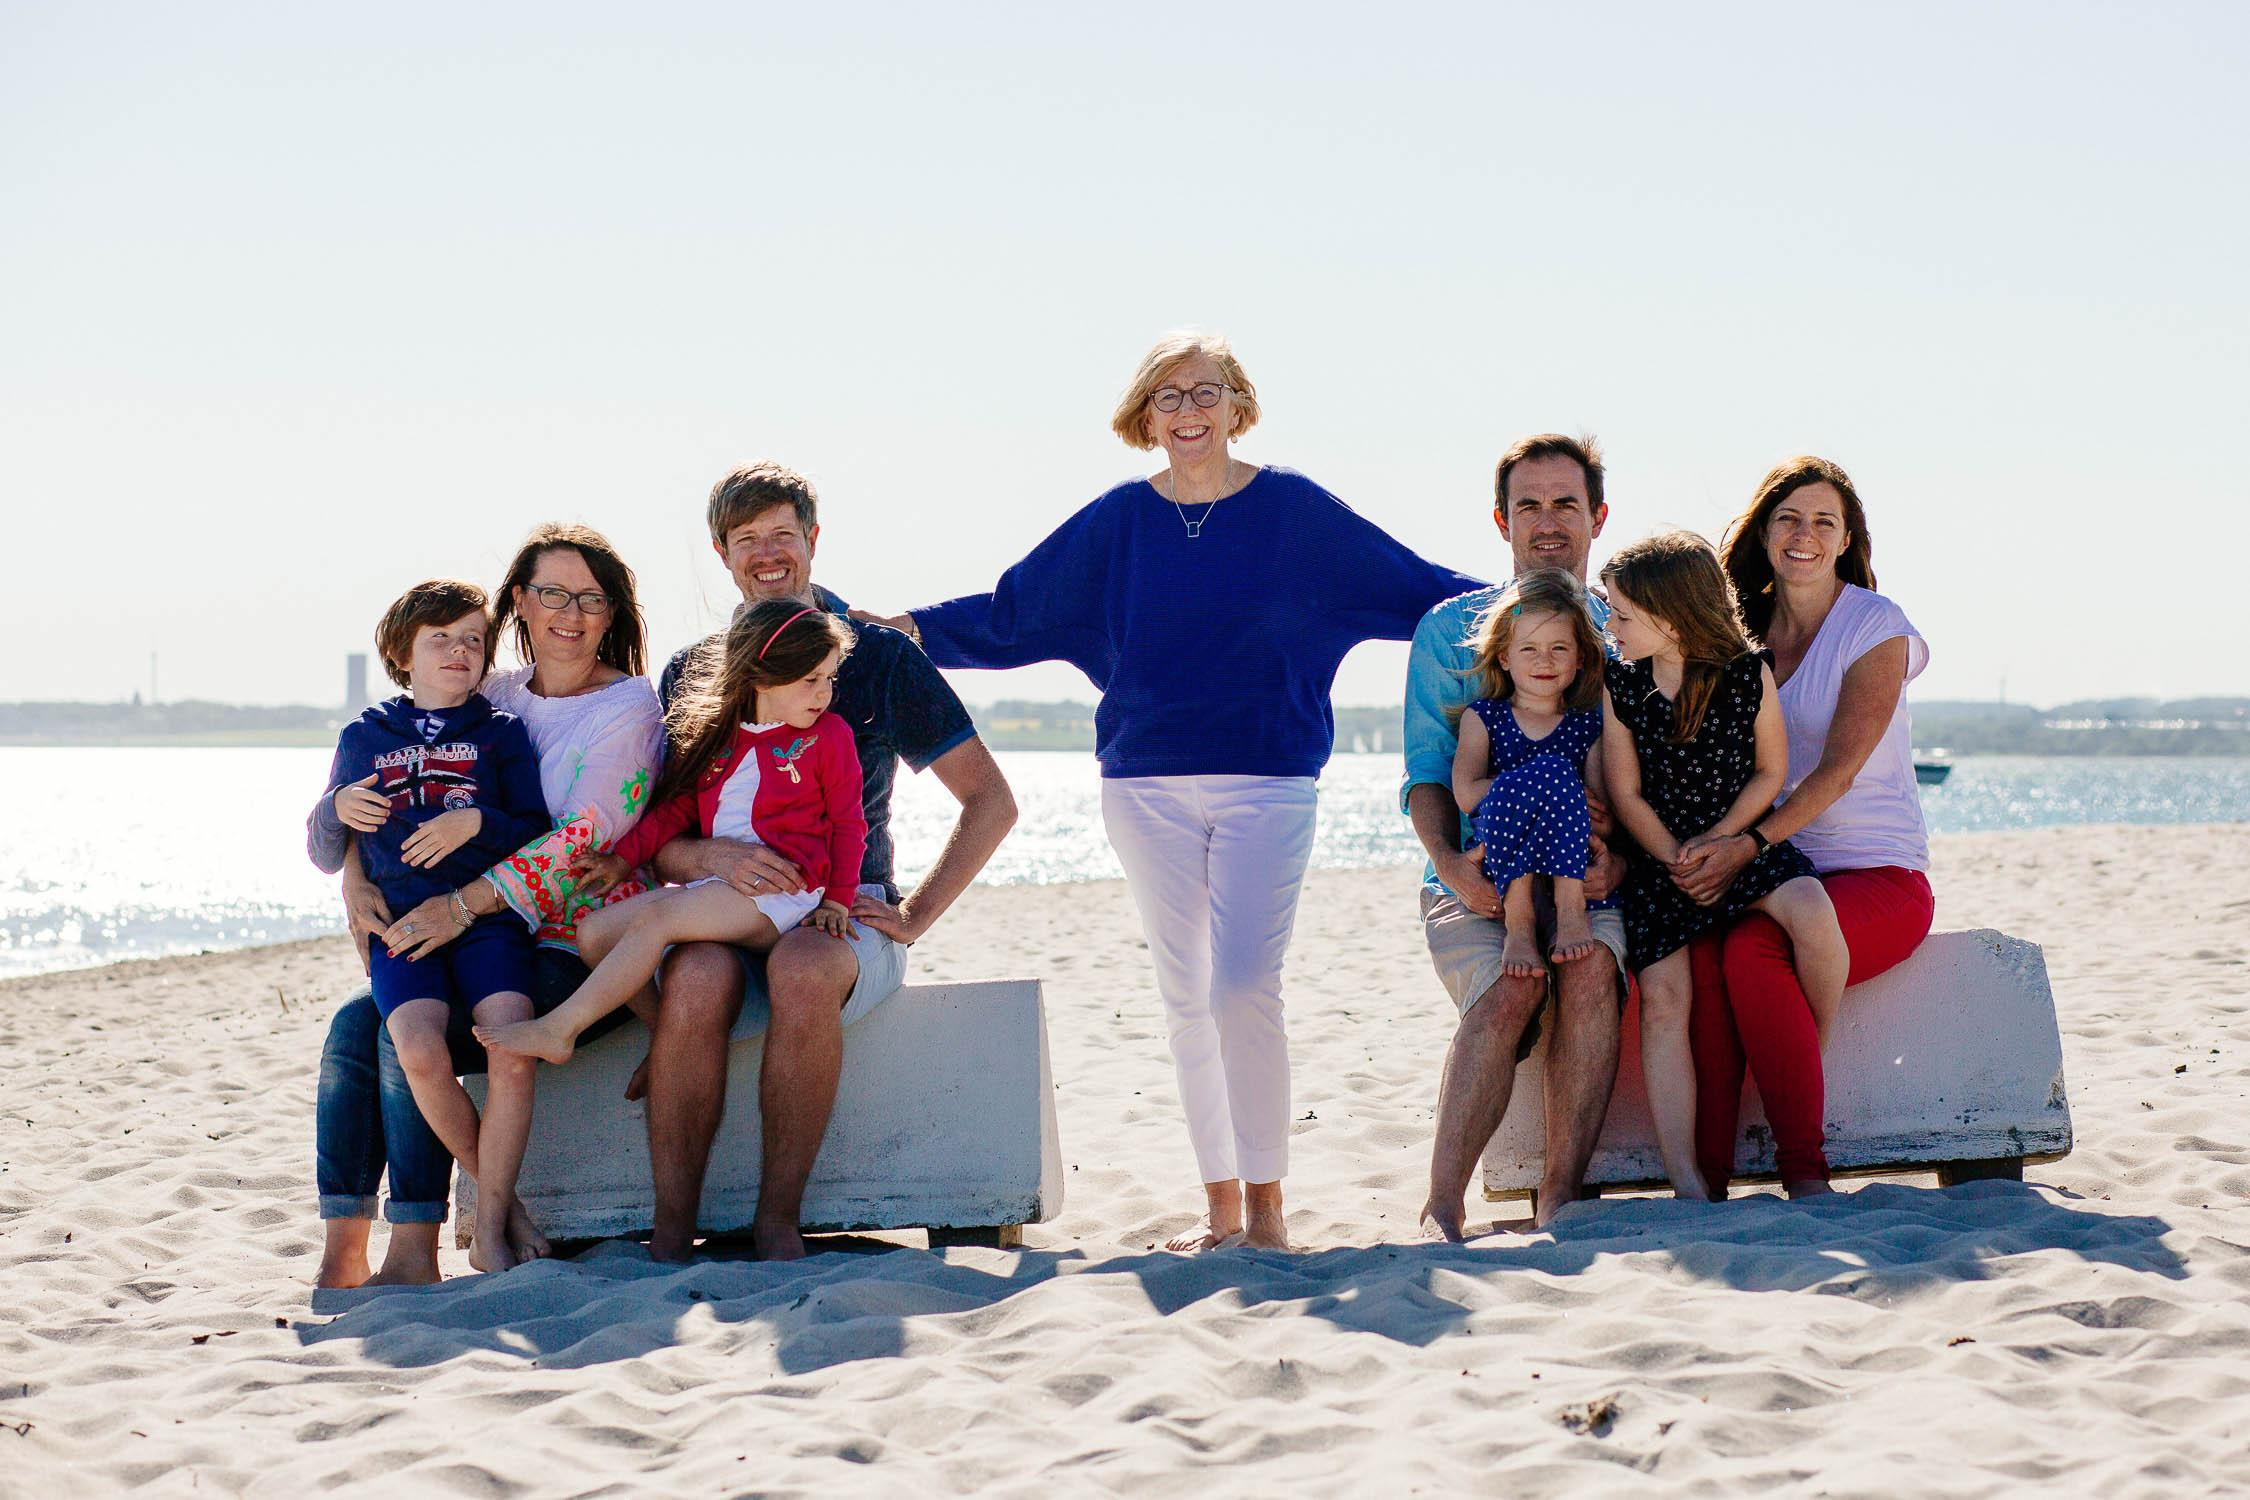 Familien Fotoshooting in Pelzerhaken 28